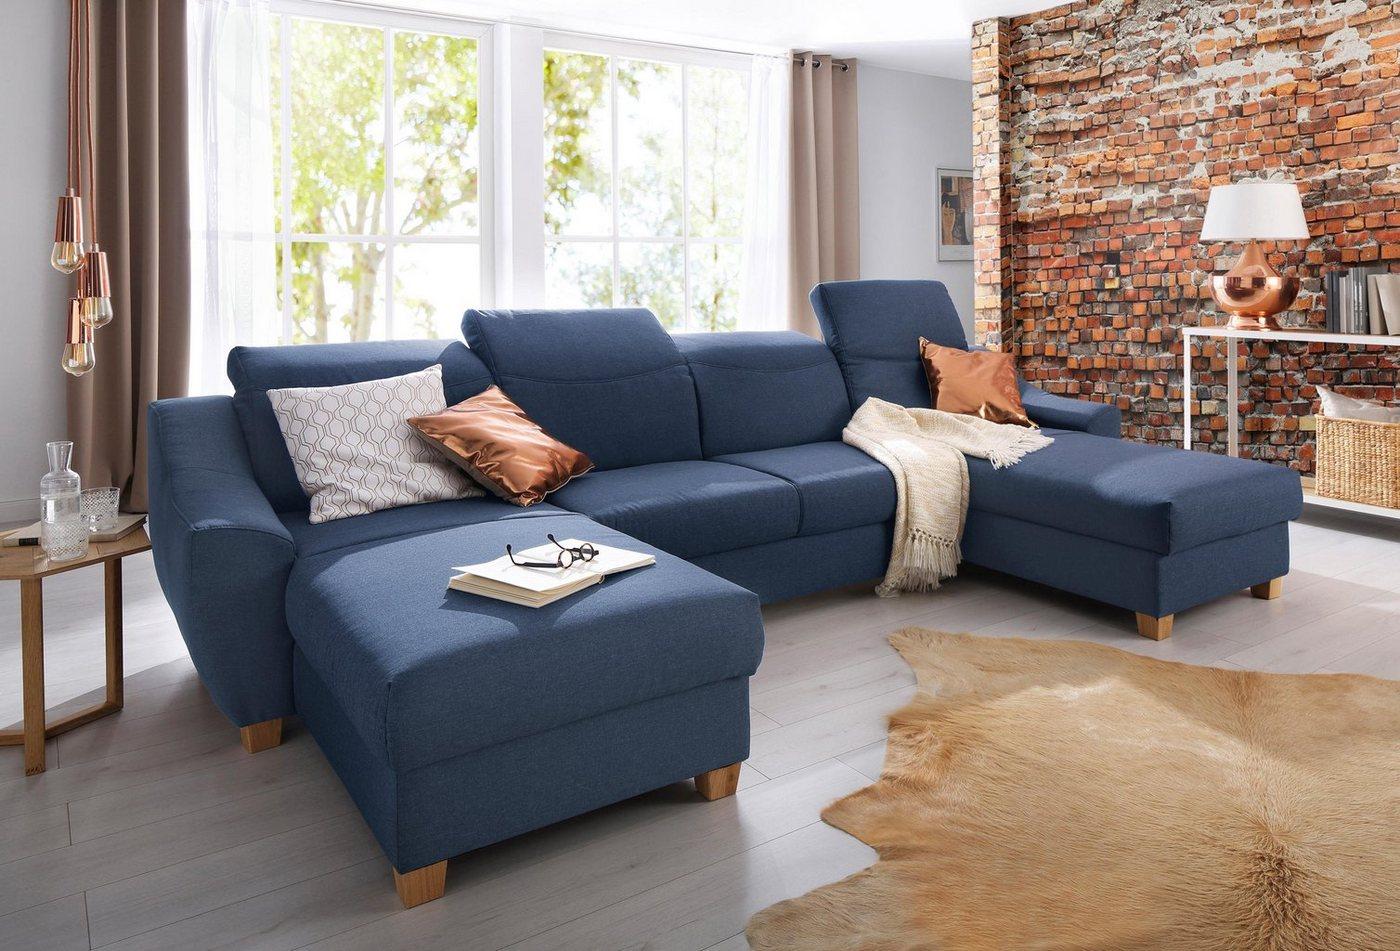 bett bettkasten kopfteil machen sie den preisvergleich bei nextag. Black Bedroom Furniture Sets. Home Design Ideas